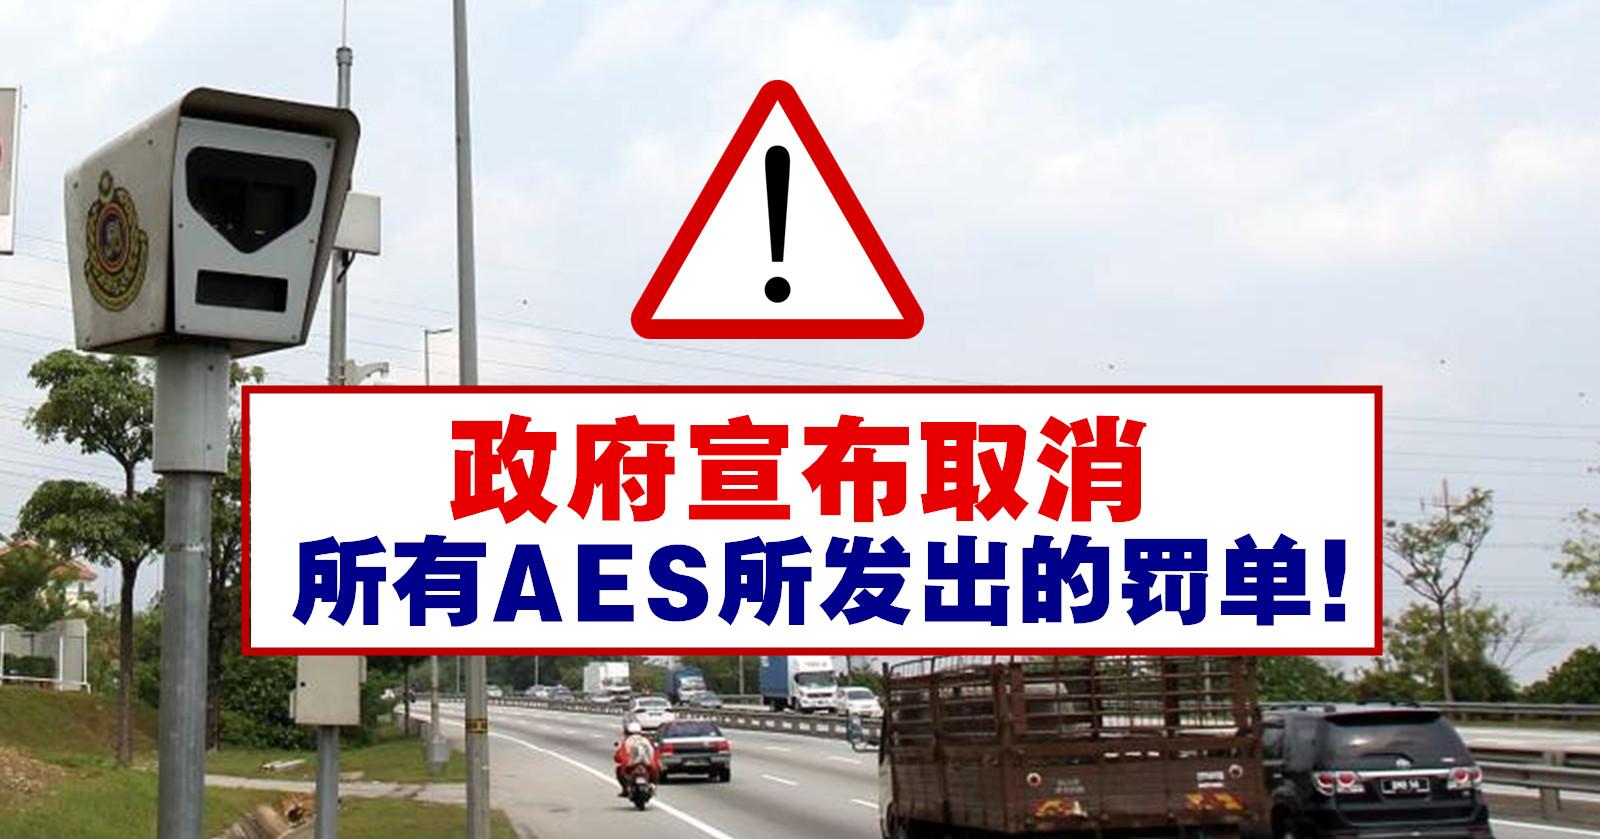 好消息!政府宣布取消所有AES所发出的罚单!